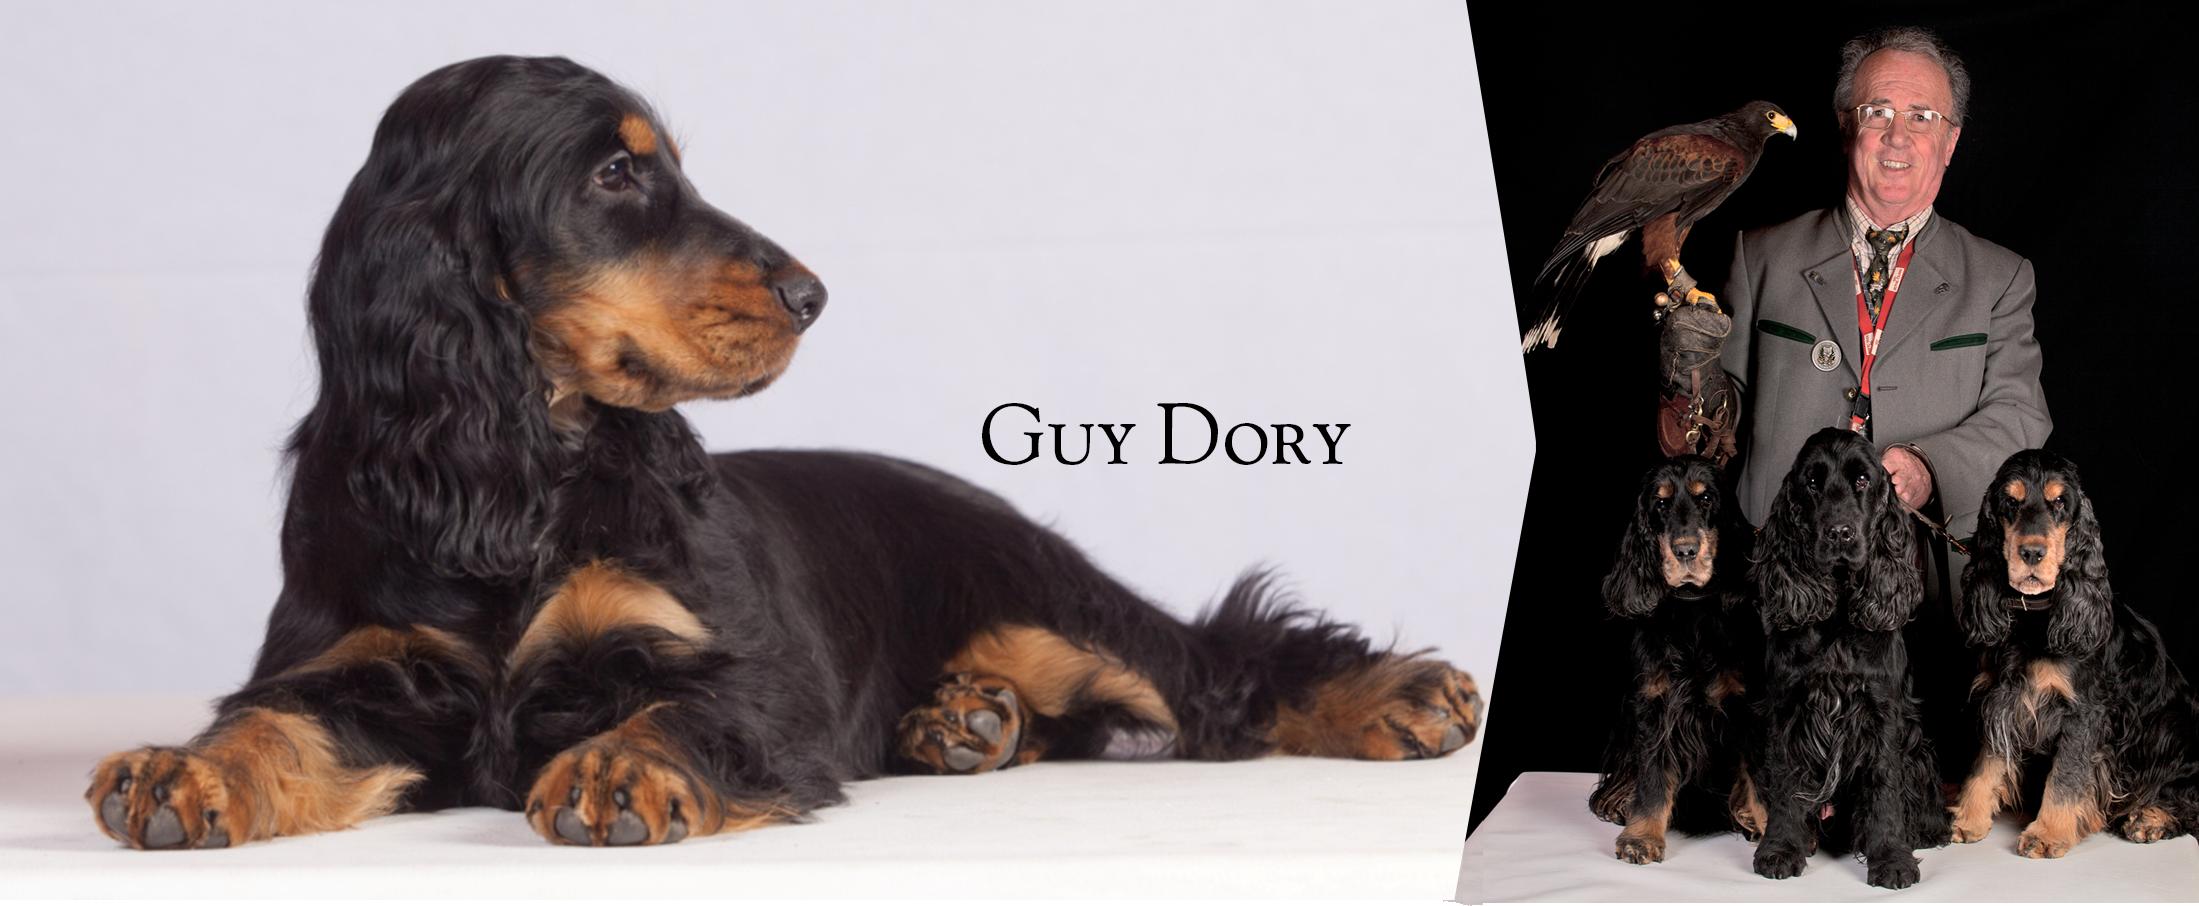 Guy_dory